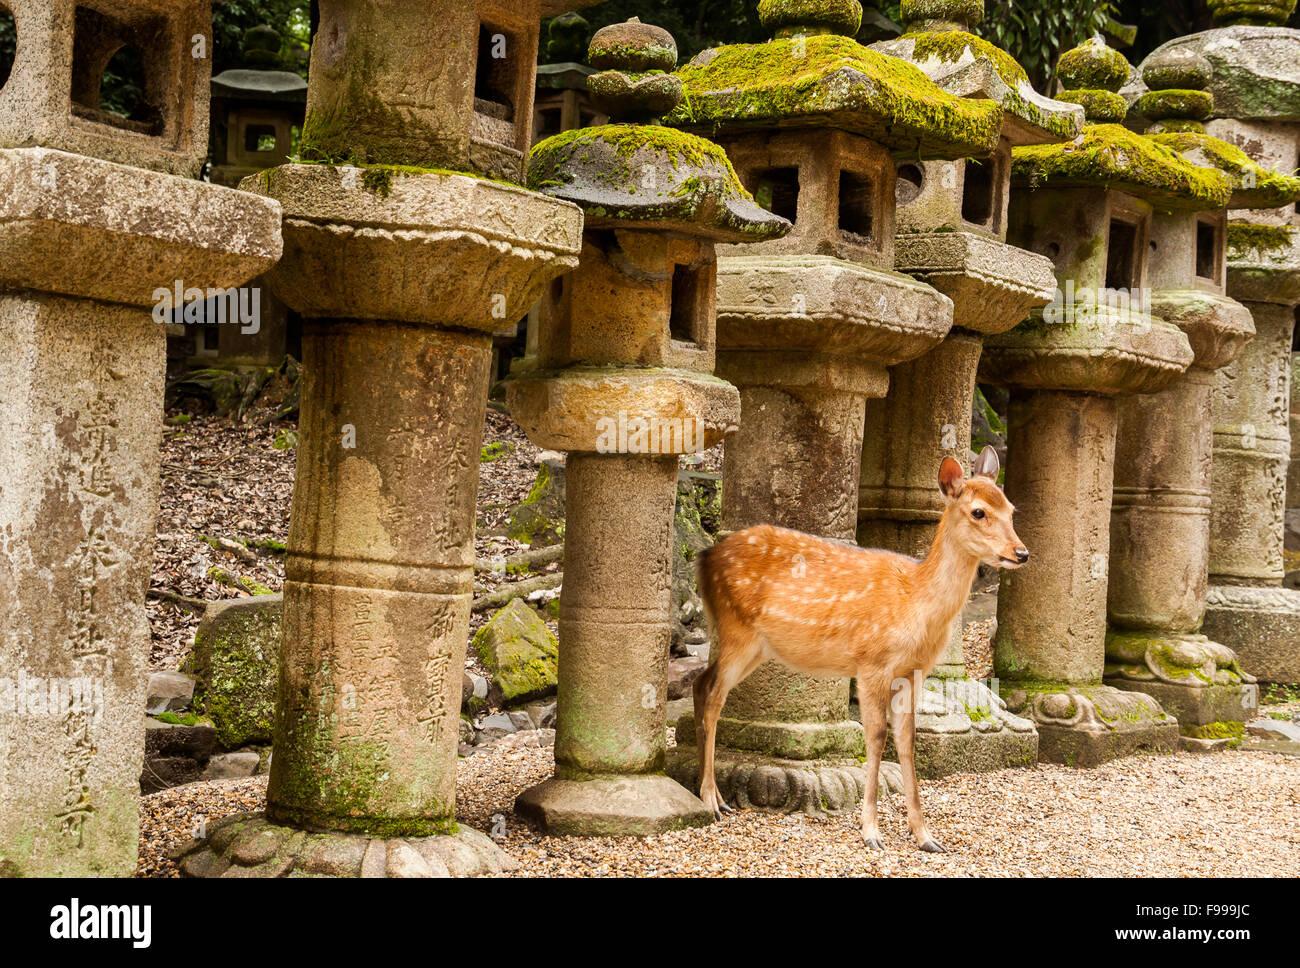 Sika deer and stone lanterns at Kasuga Taisha in Nara, Japan - Stock Image